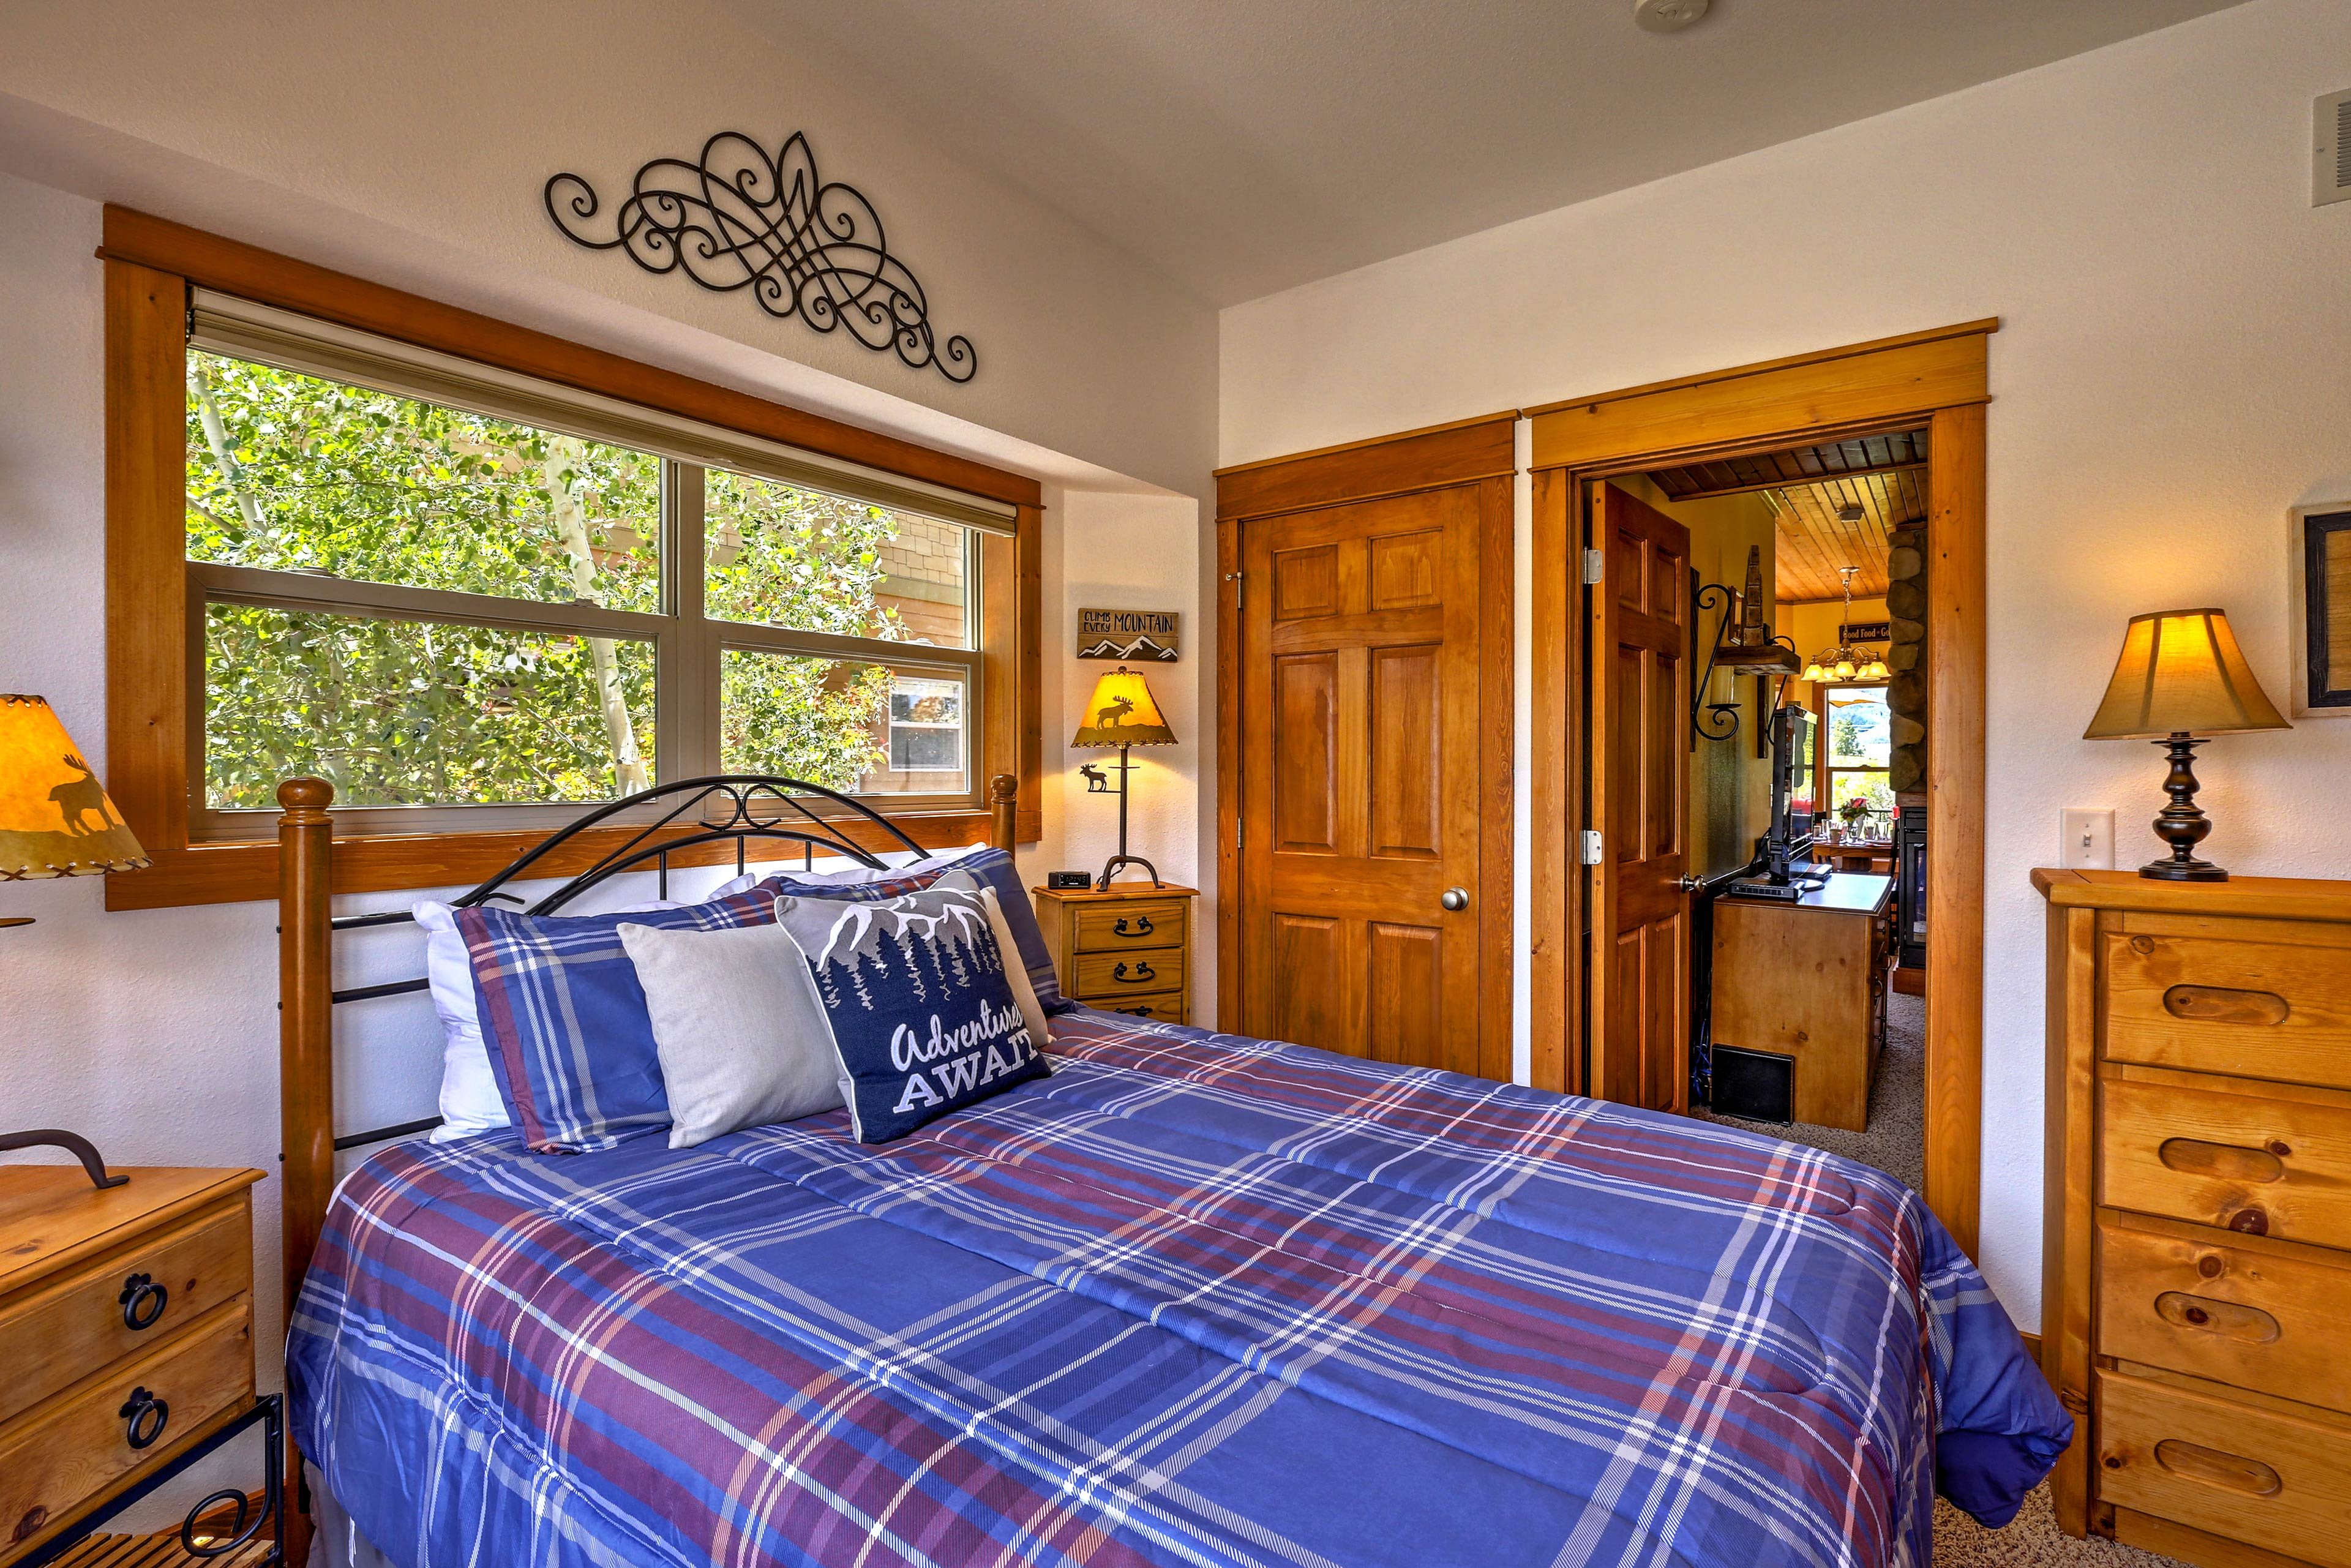 Restful slumbers await in the queen bed of the second bedroom.